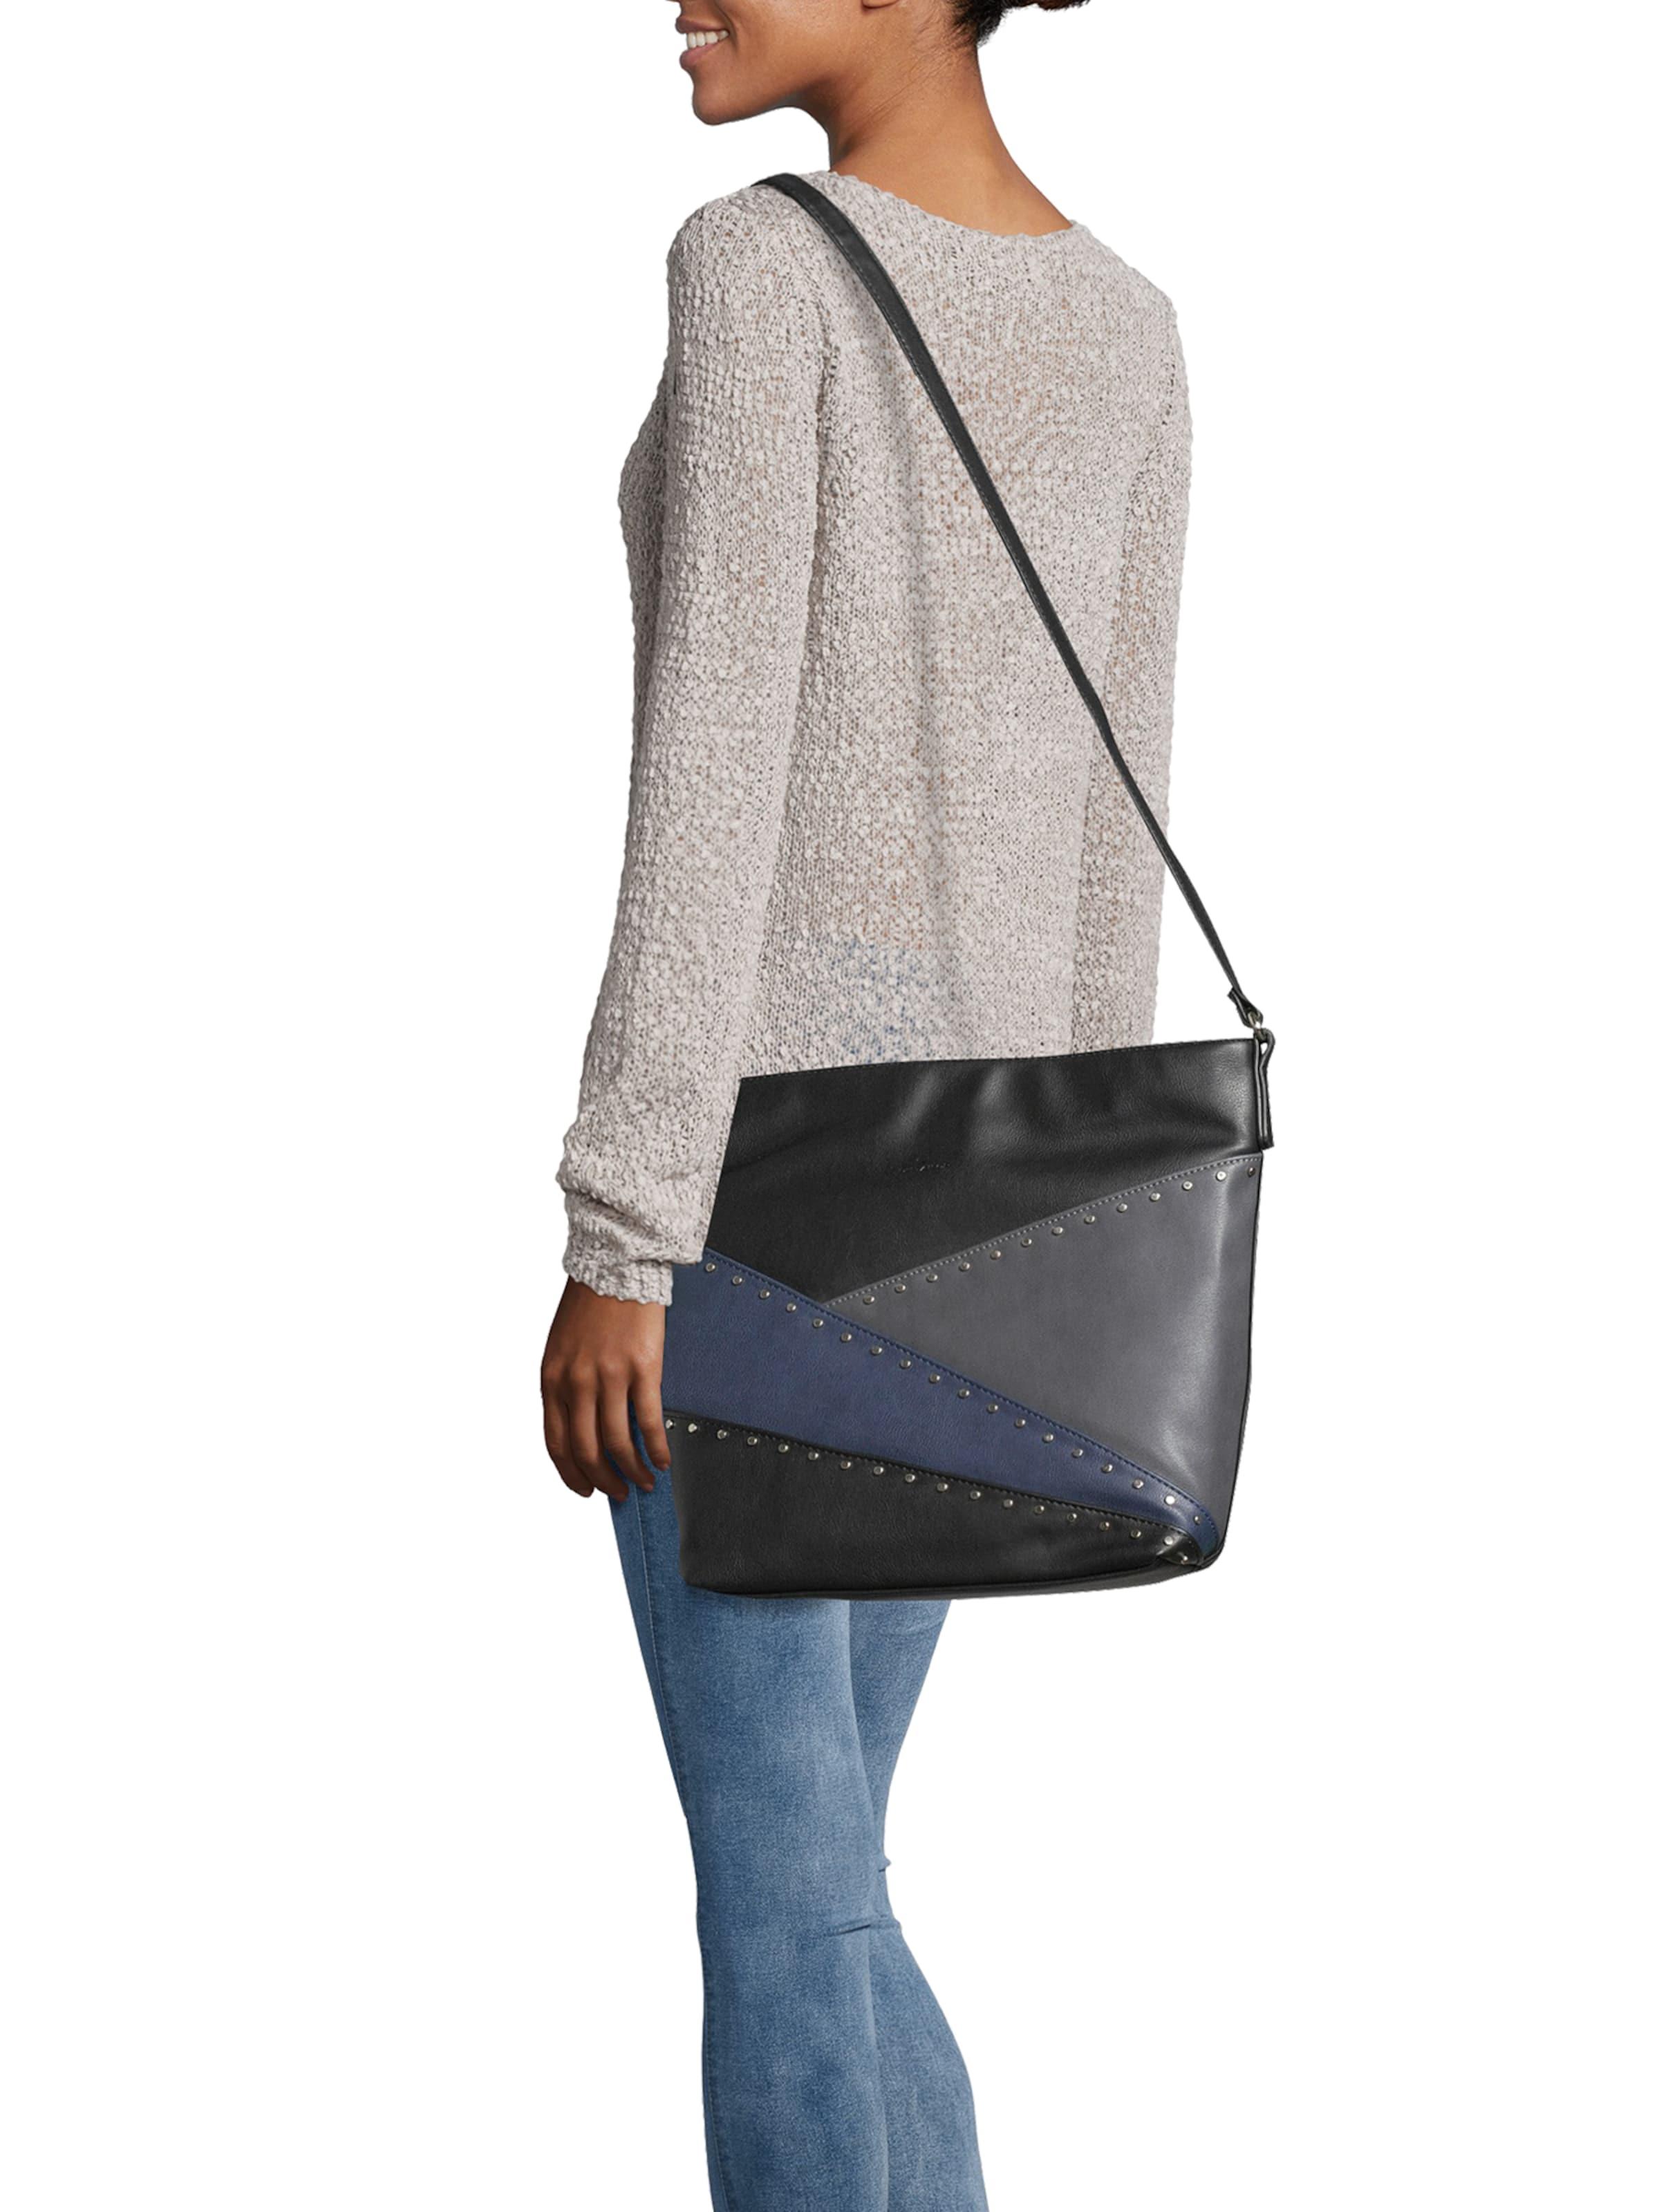 Tasche In Tailor Tom BlauSchwarz 'salina' CsdQthr